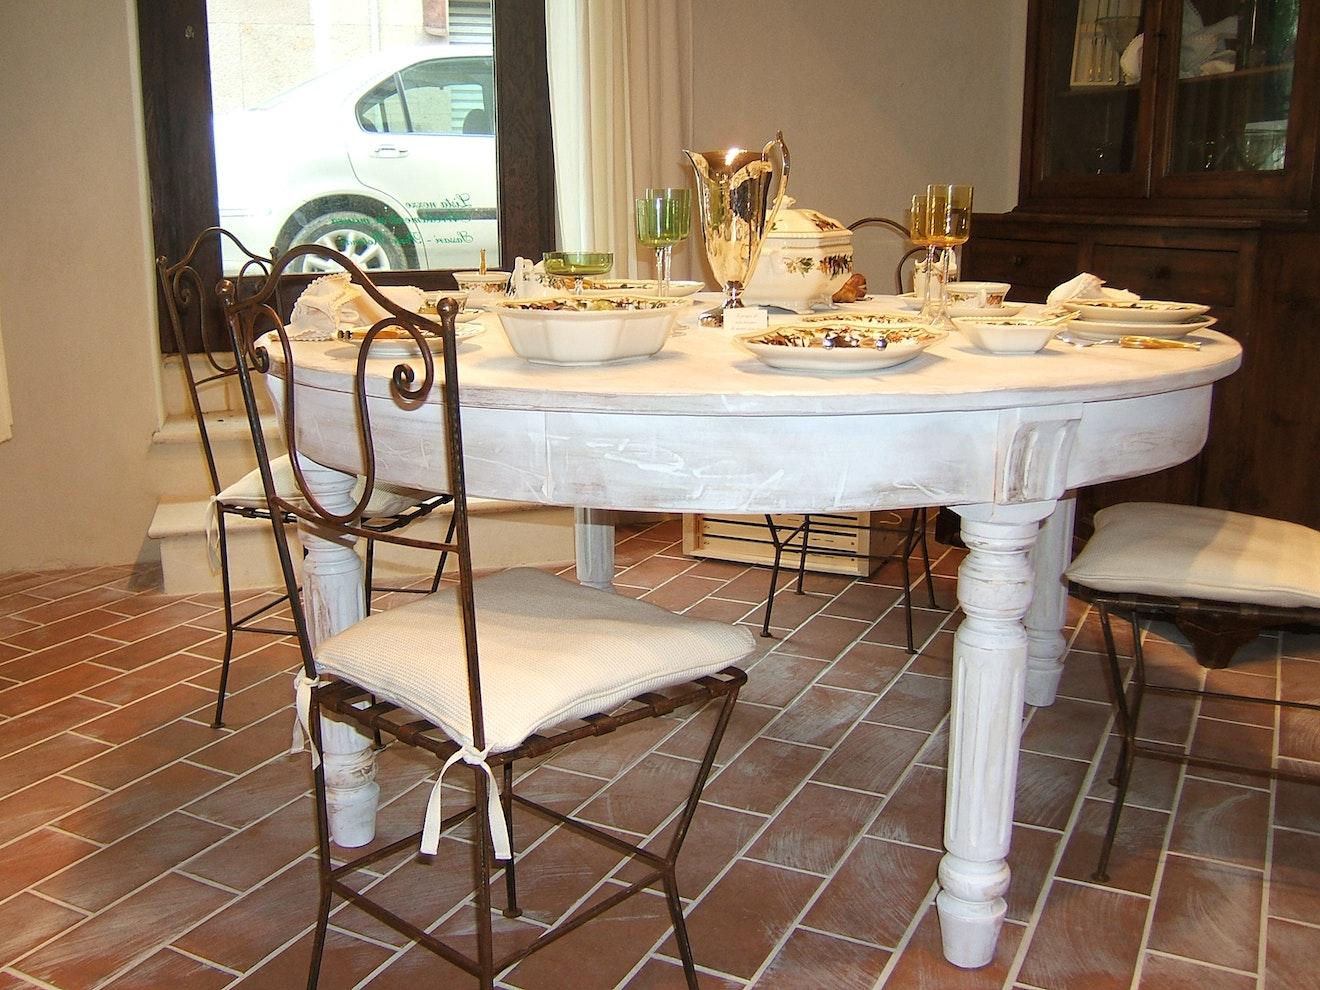 1513680875 sedia con tavolo tondo bianco